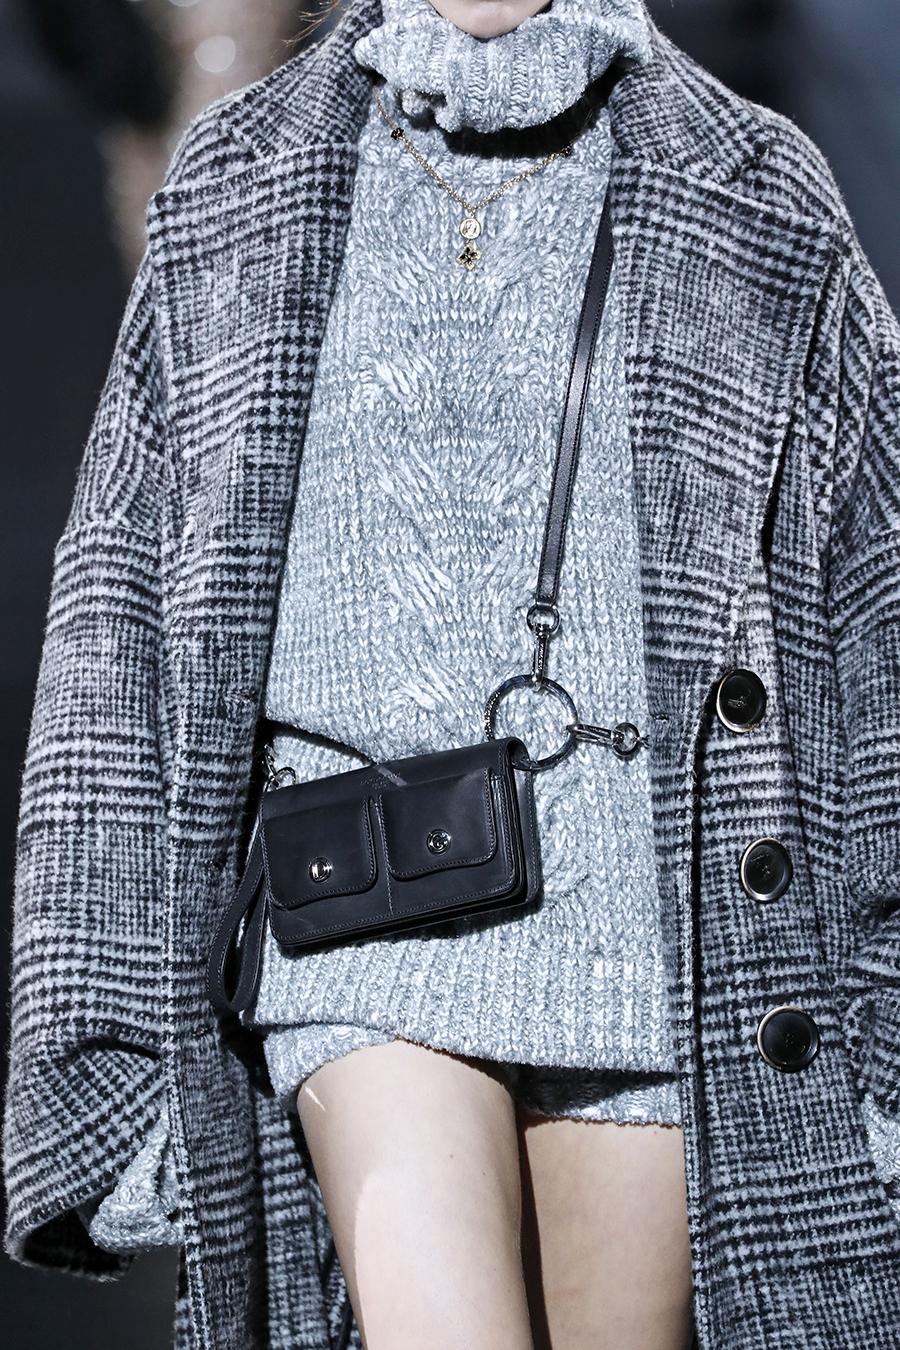 модная сумка поясная бананка на пояс осень зима 2020 2021 черная прямоугольная портупея с карманами кожаная